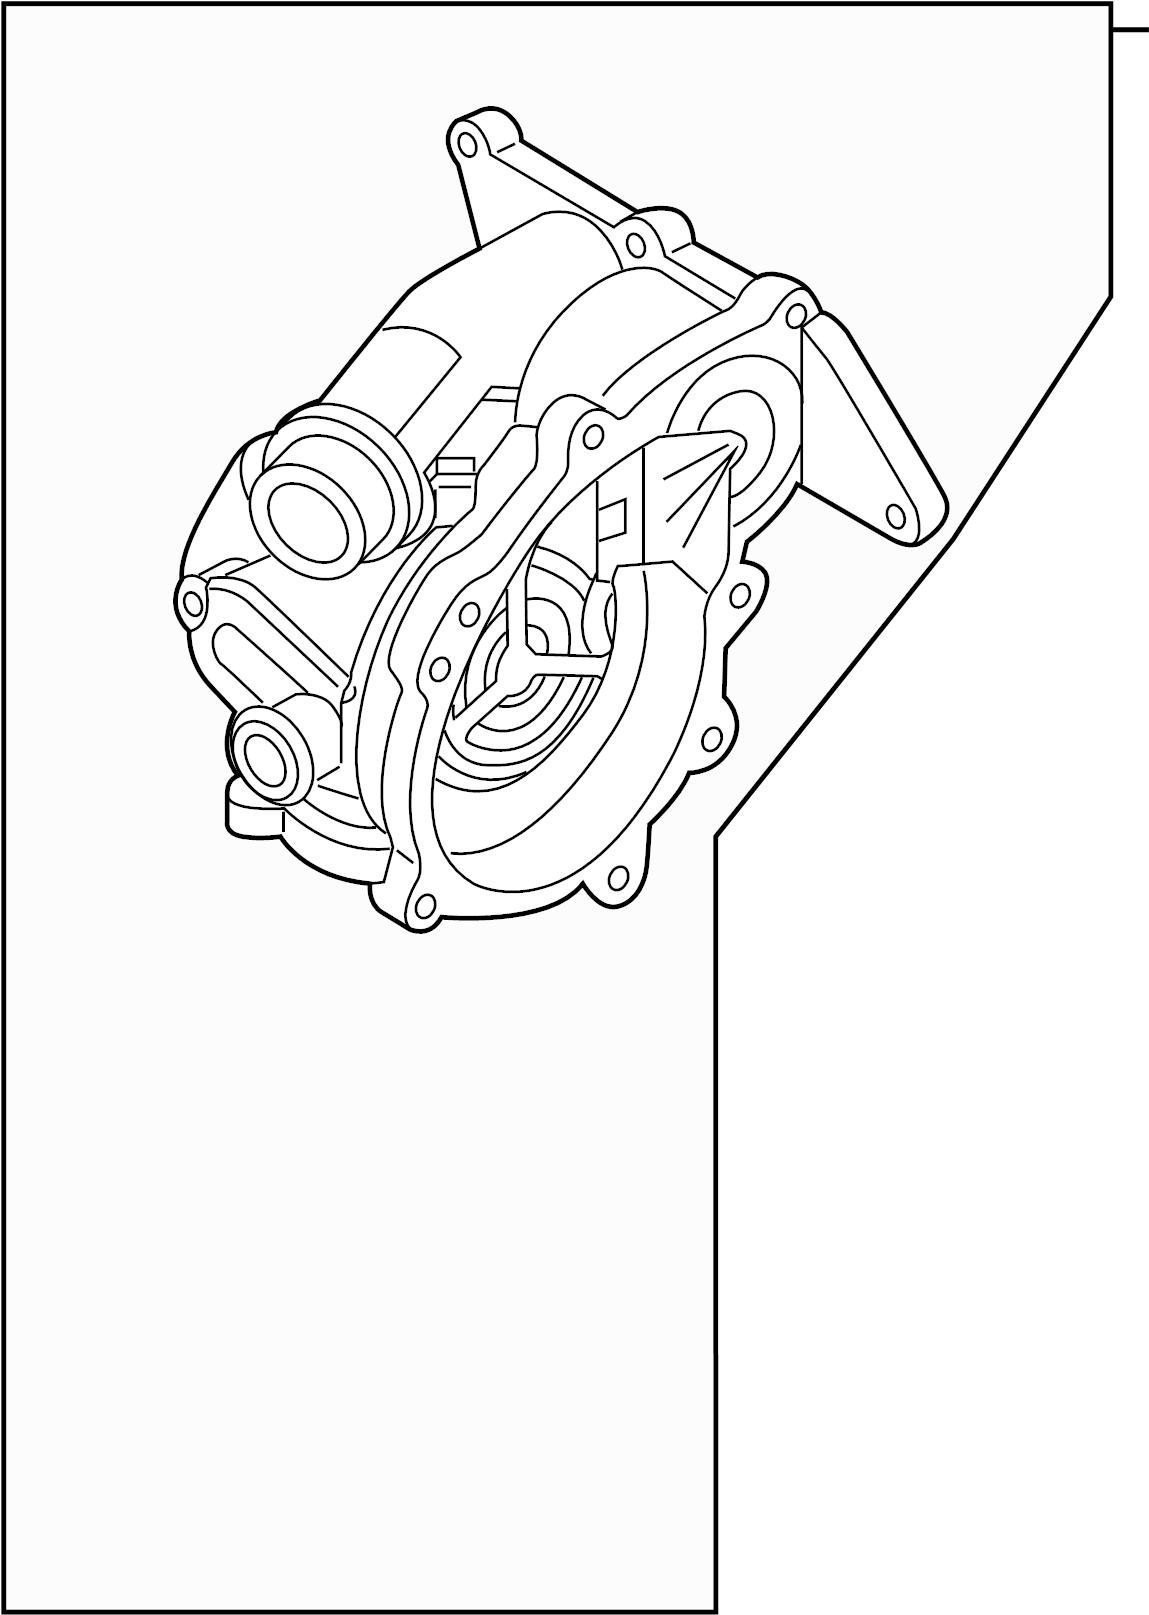 06k P